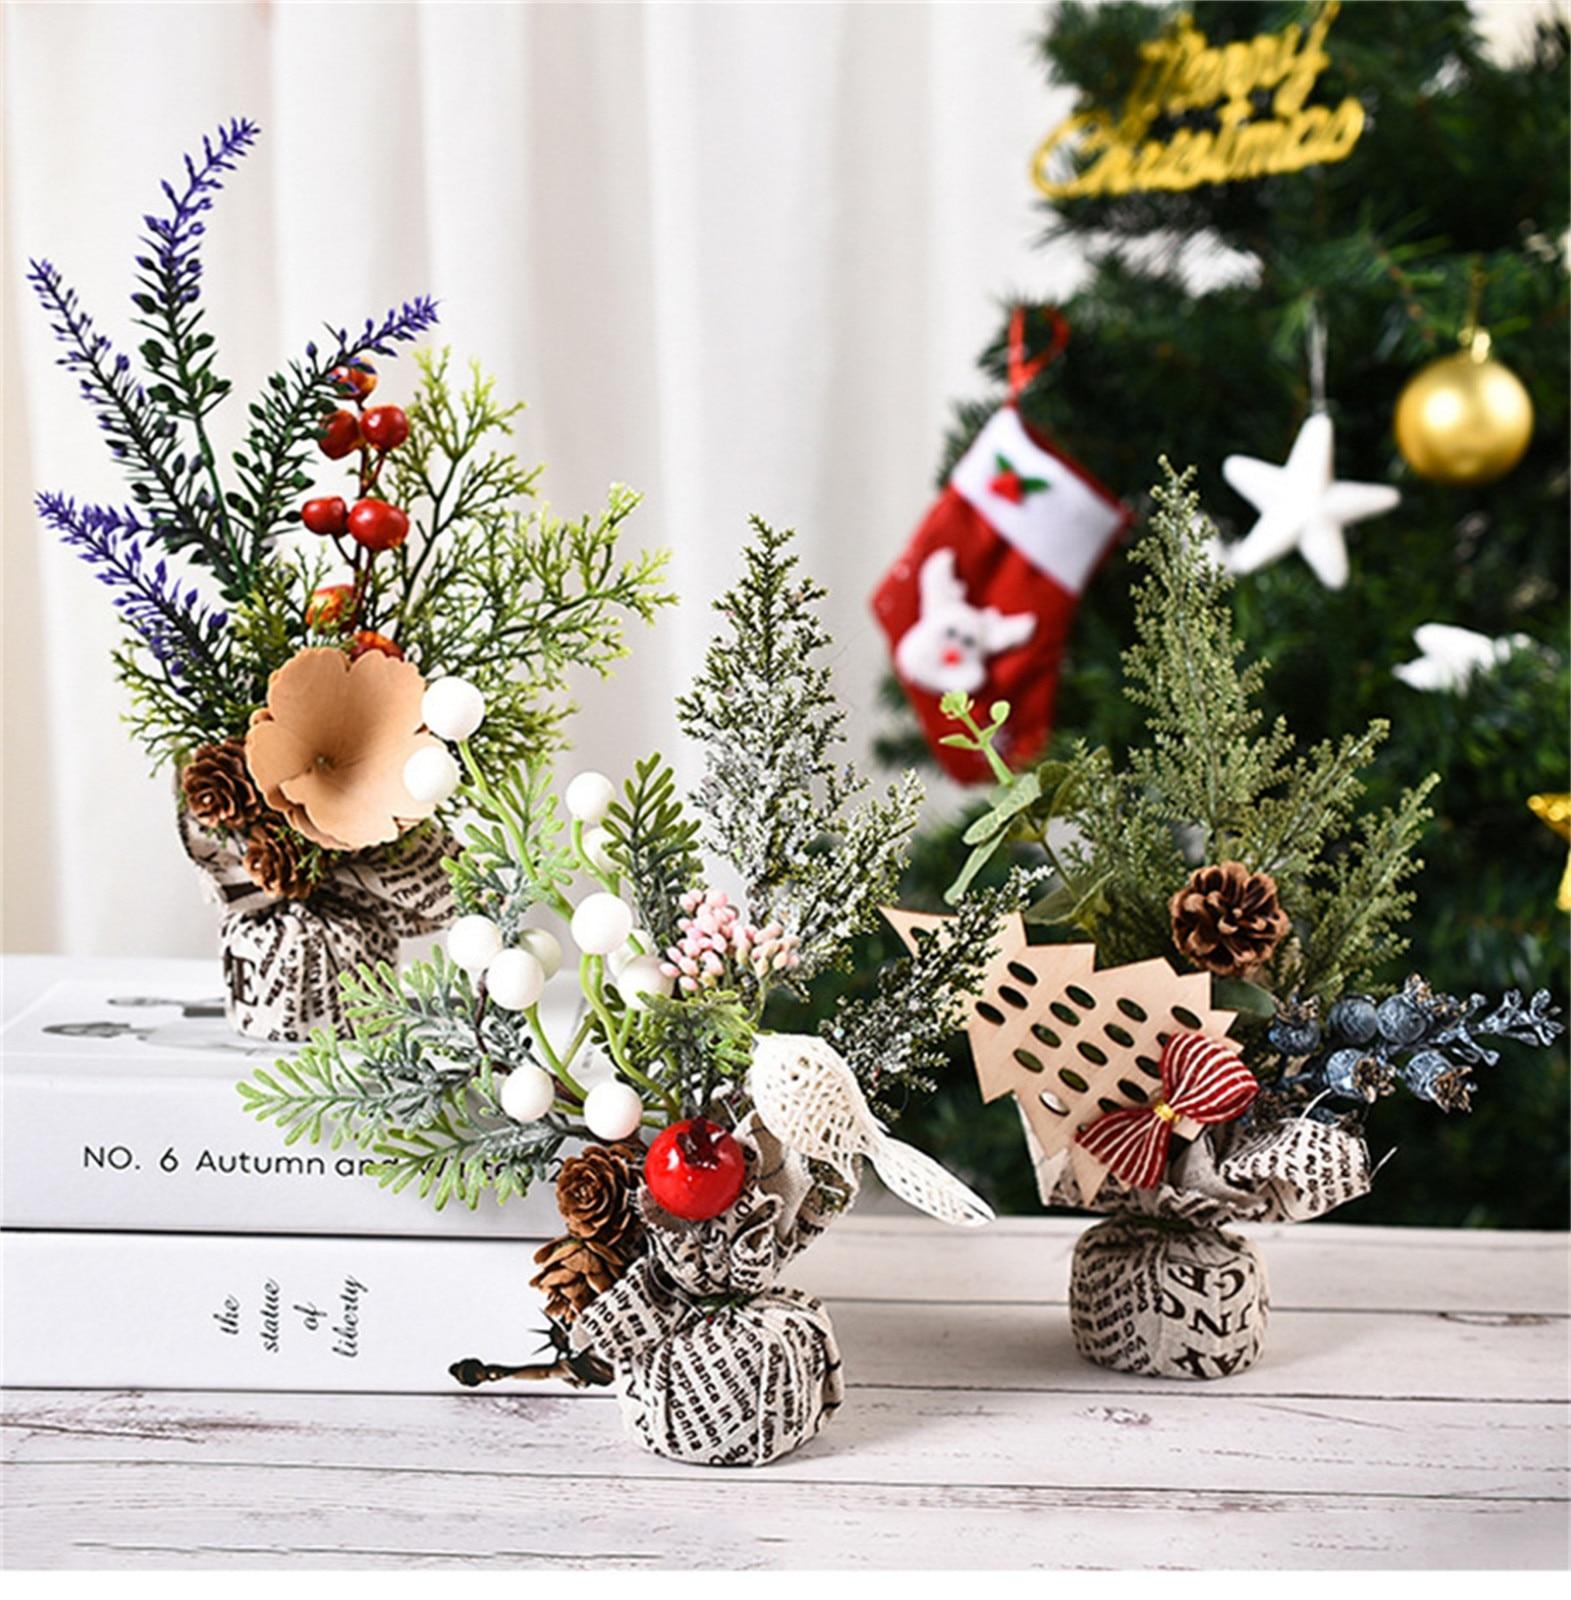 1 ud. Decoración de Navidad Mini Adornos de árbol de Navidad ventana árbol decoración Sep 23